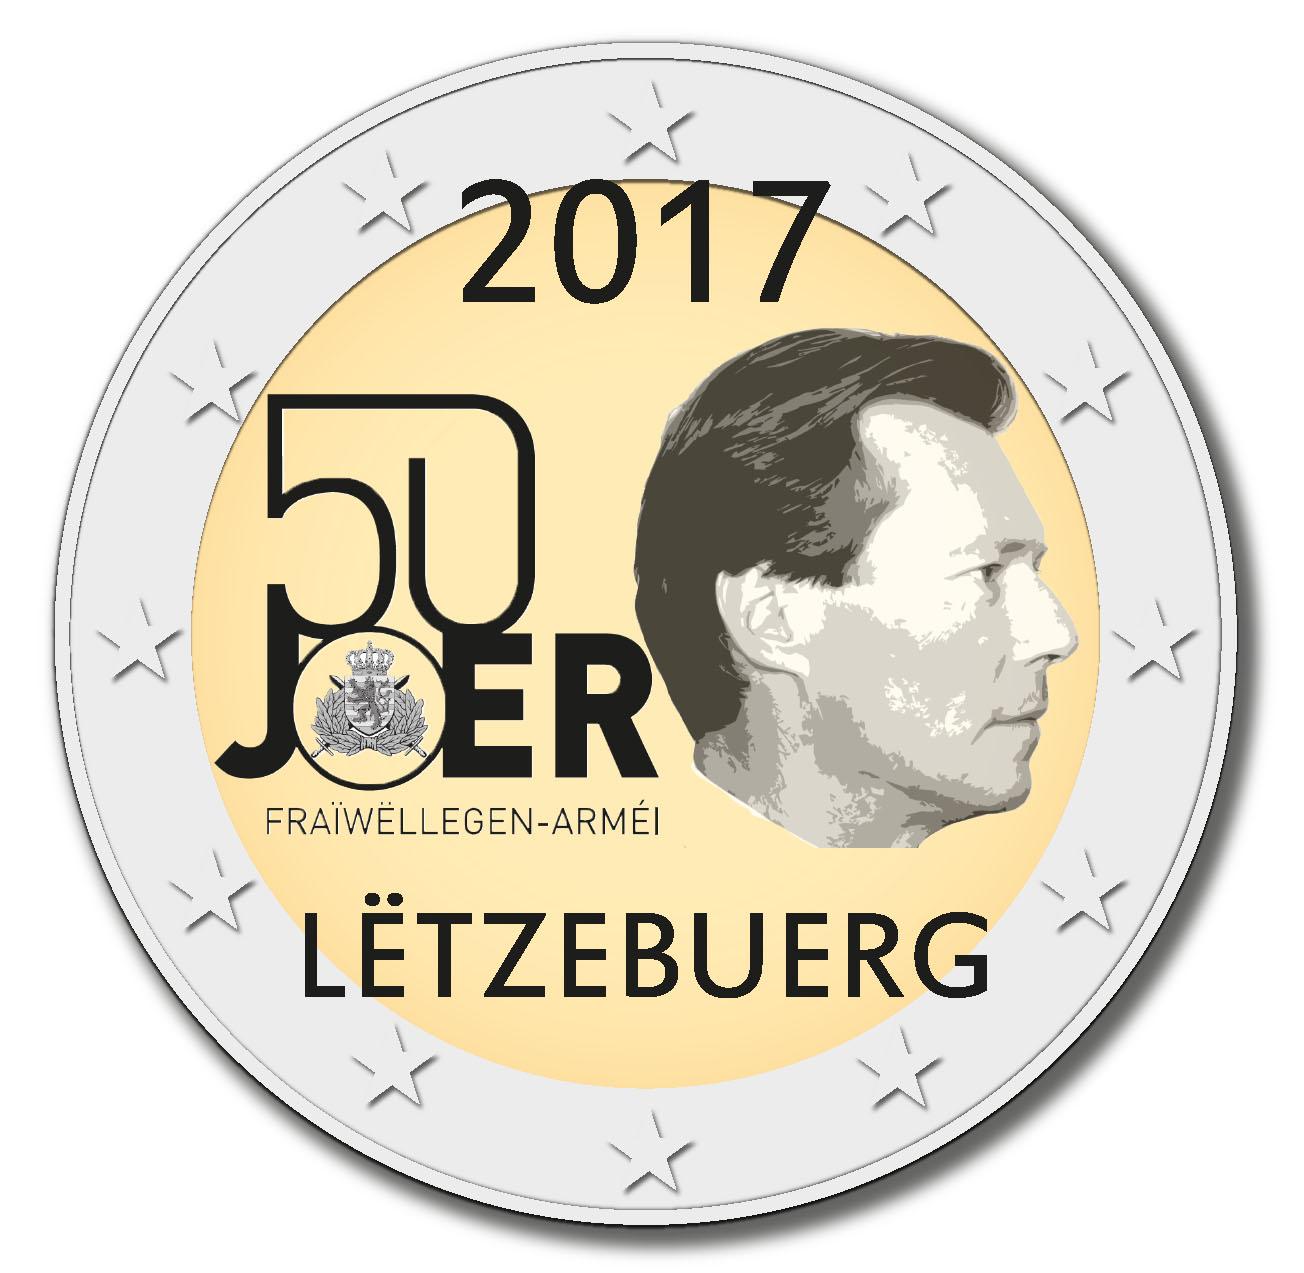 Projet 2 euro 2017 24 10 2016.jpg